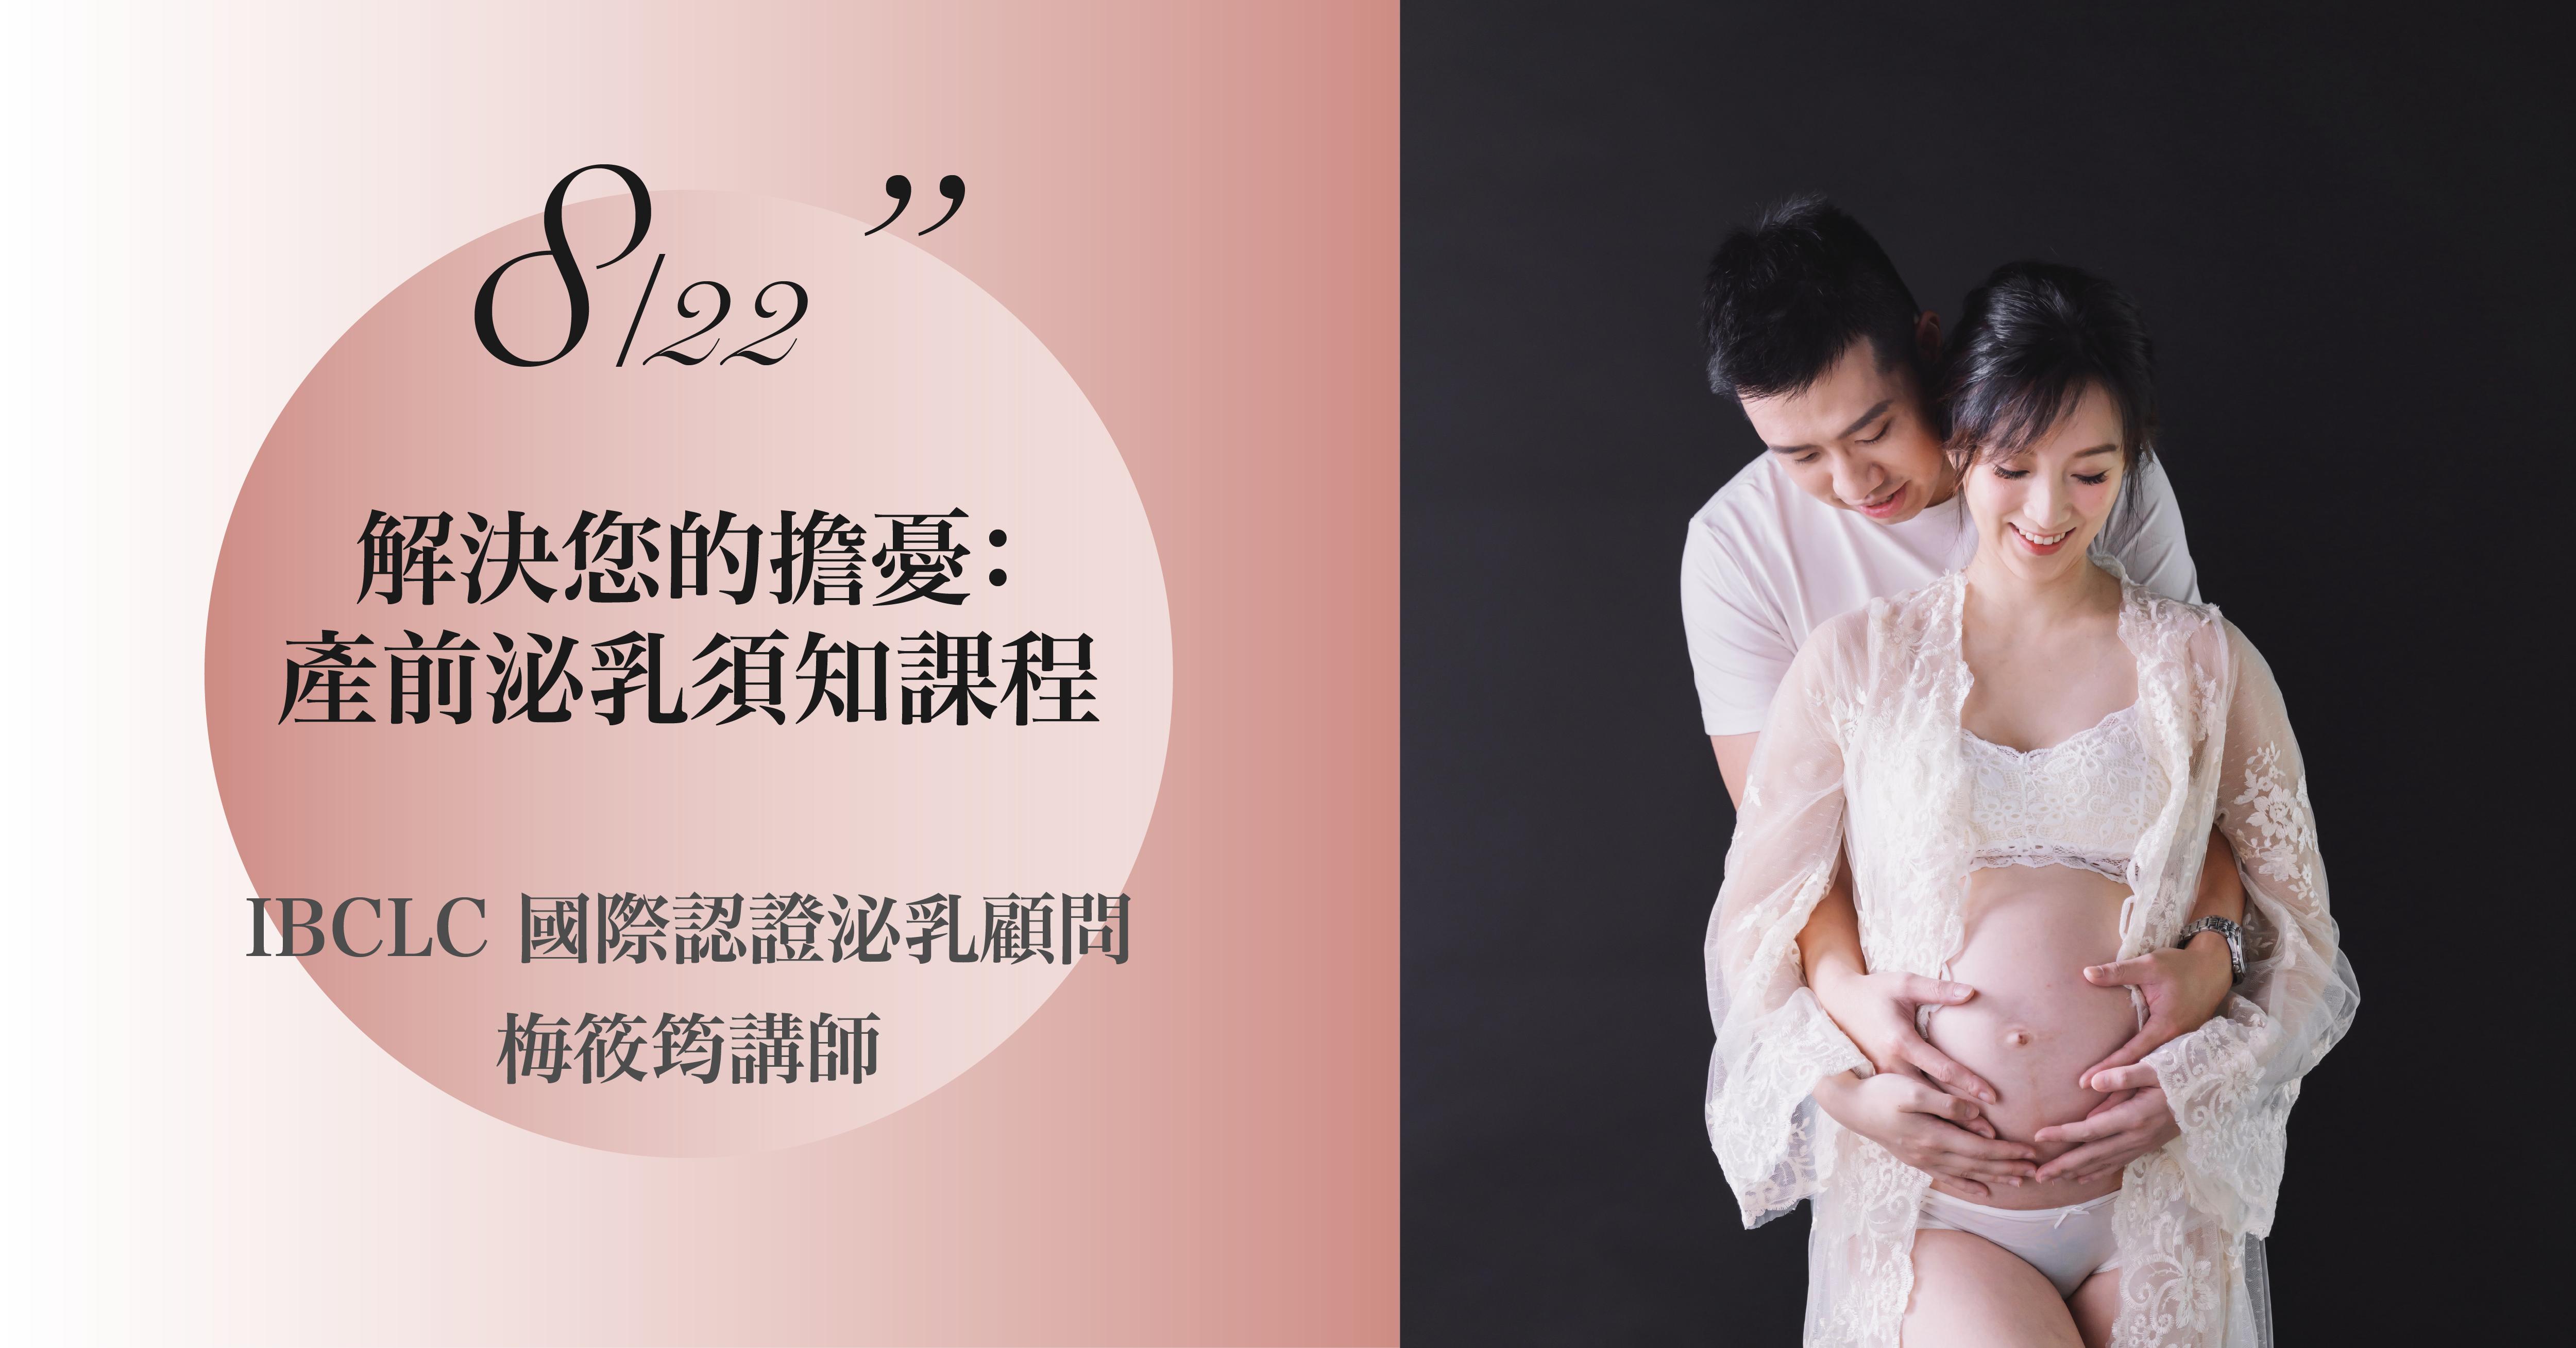 8/22【解決您的擔憂:產前泌乳須知課程】